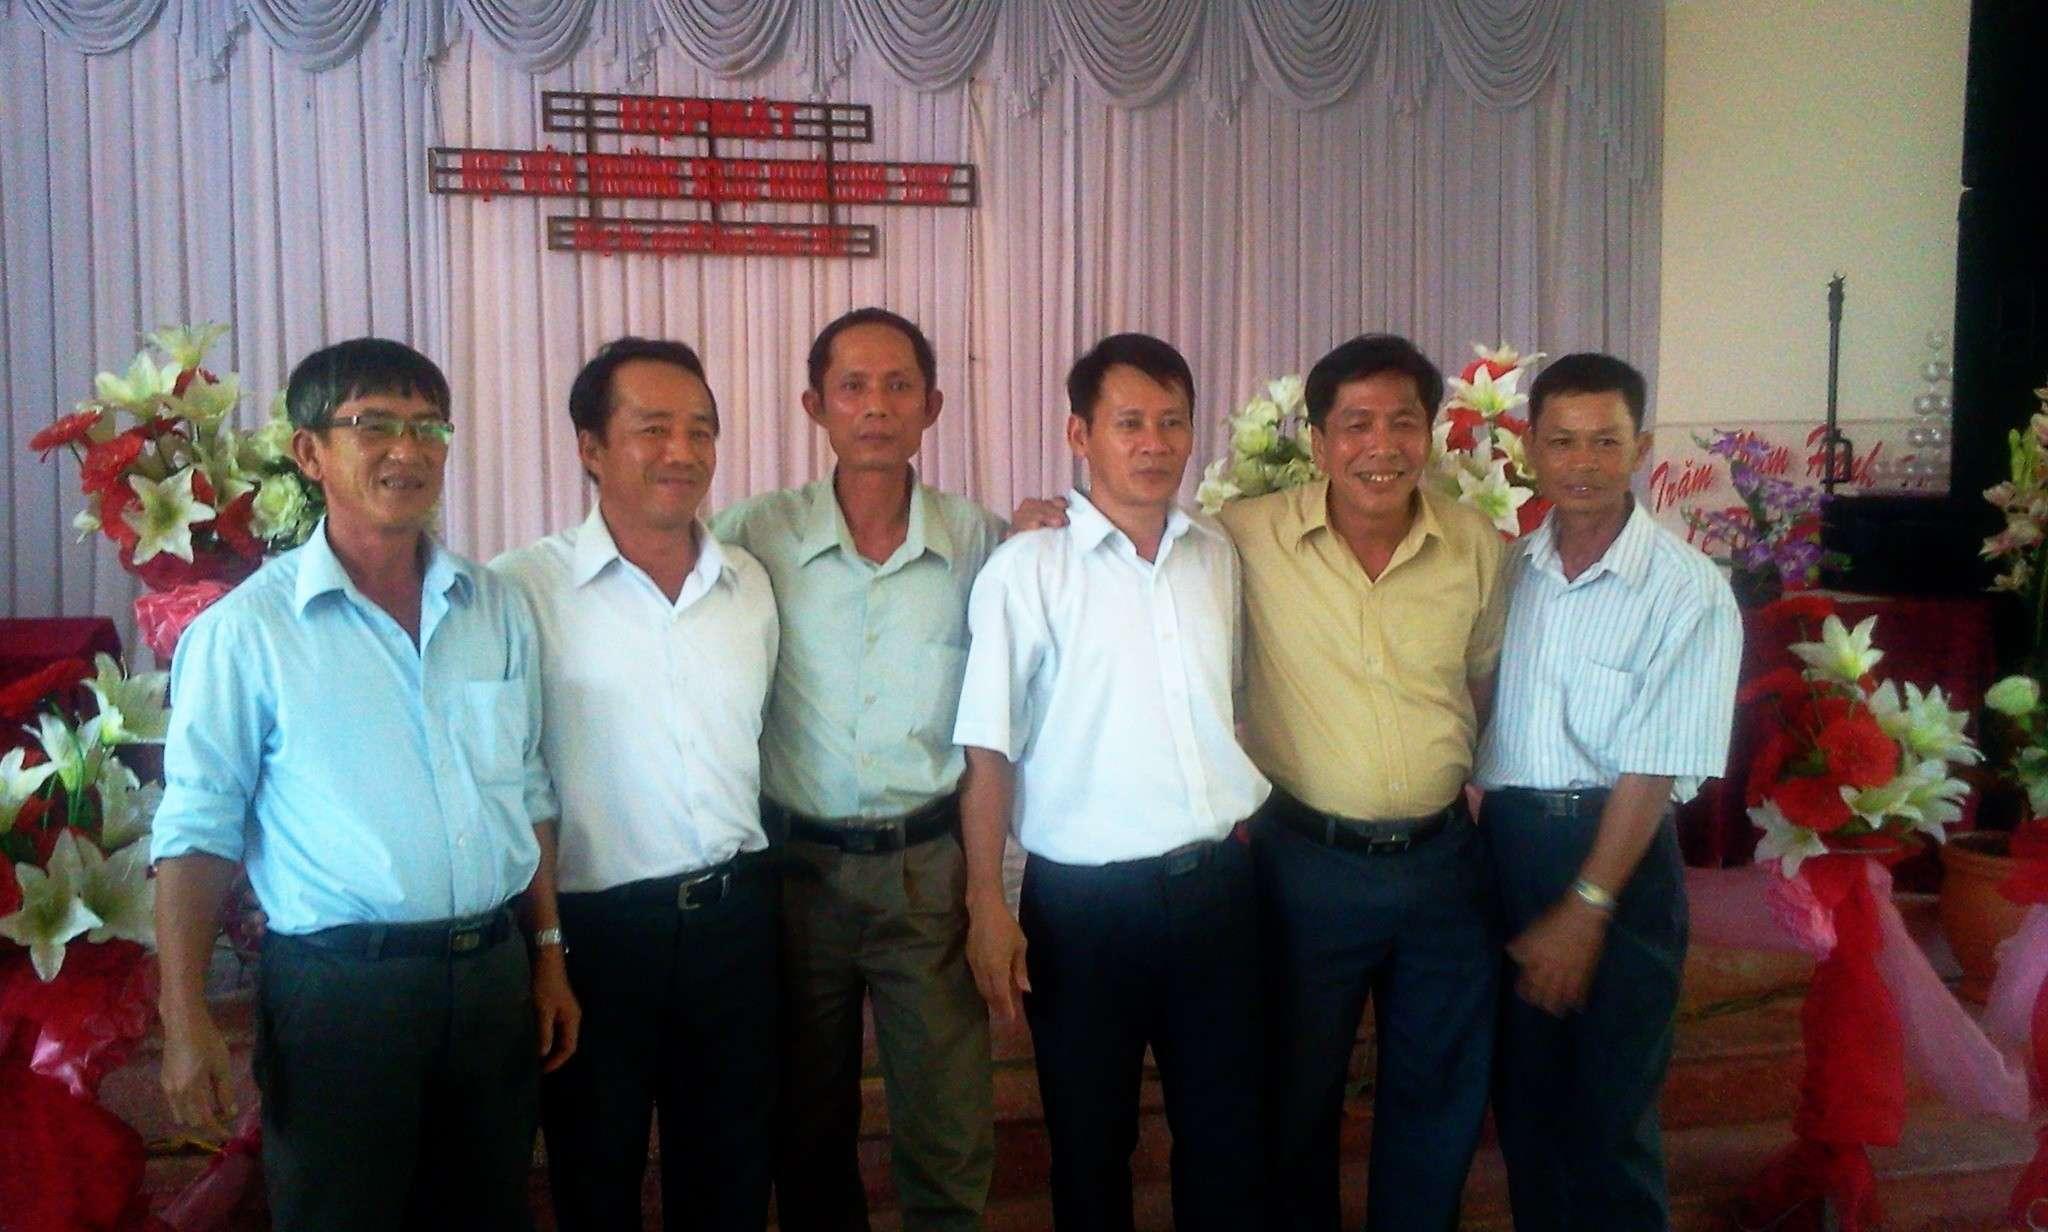 Hình ảnh cựu HV khóa 7 họp mặt kỷ niệm 25 năm tốt nghiệp SQLQ2 2012-031